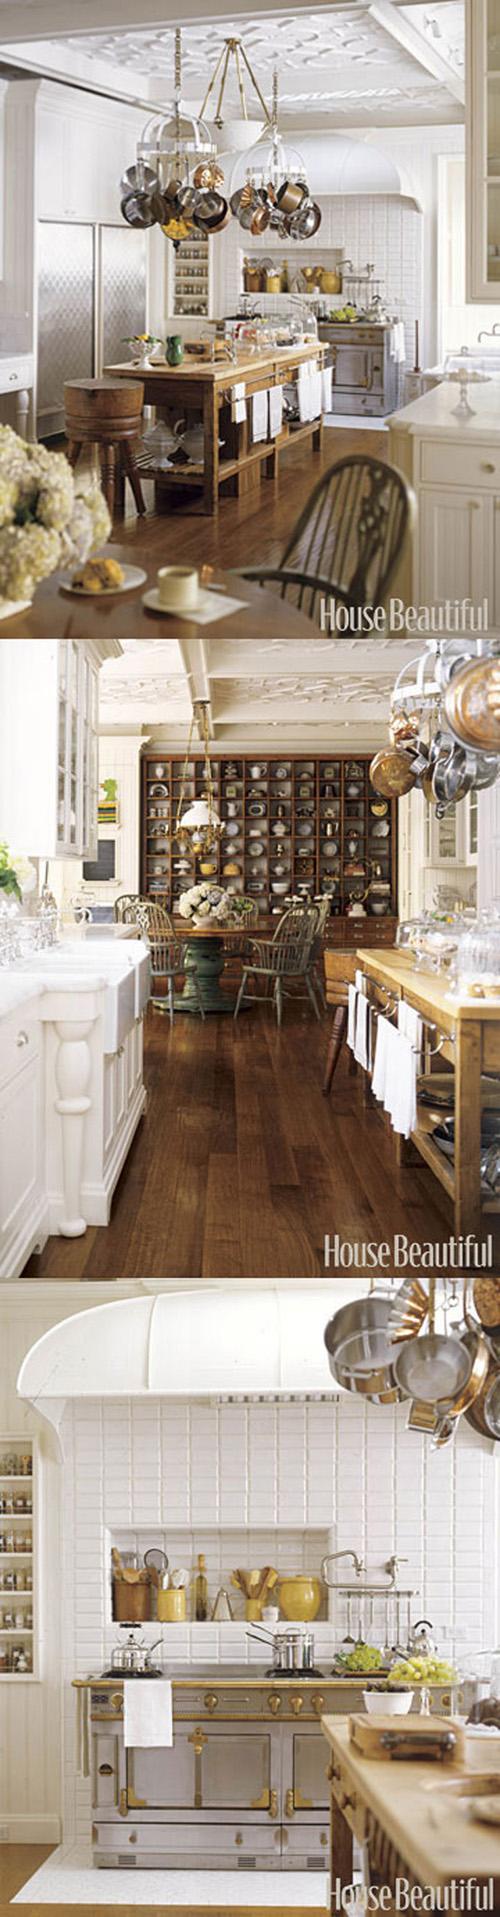 Texture Rich Kitchen Designer Susan Dossette Created